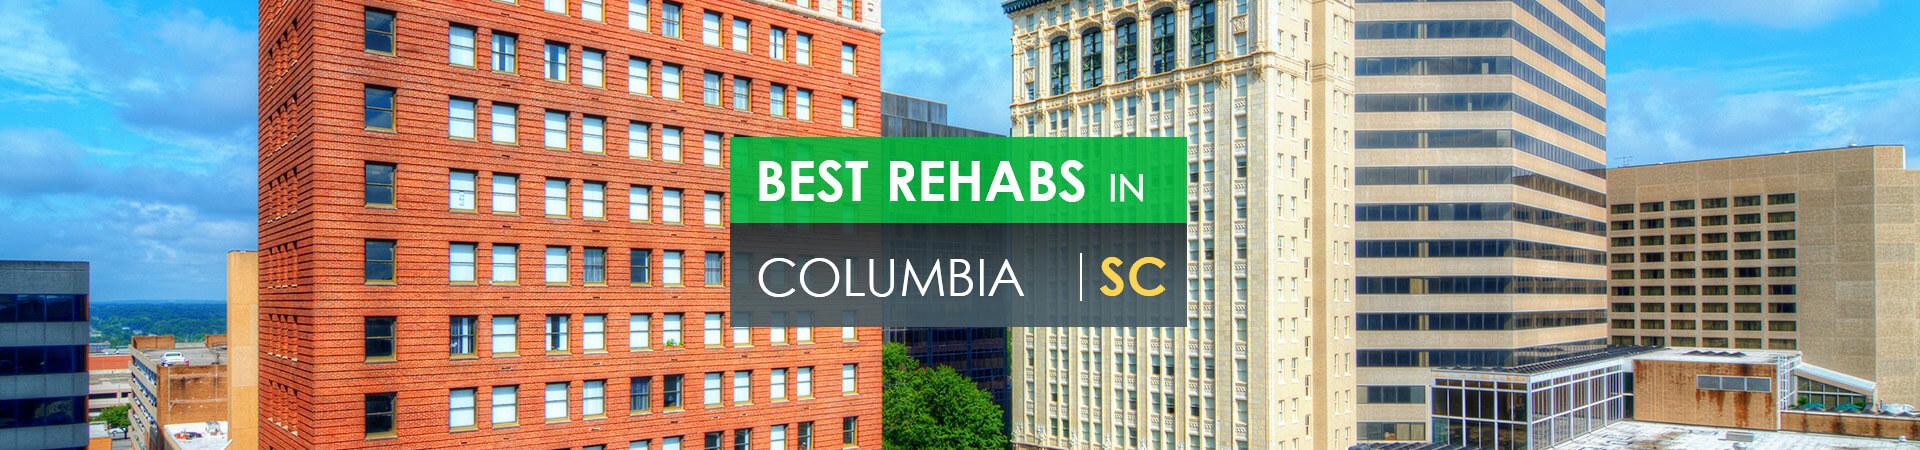 Best rehabs in Columbia, SC